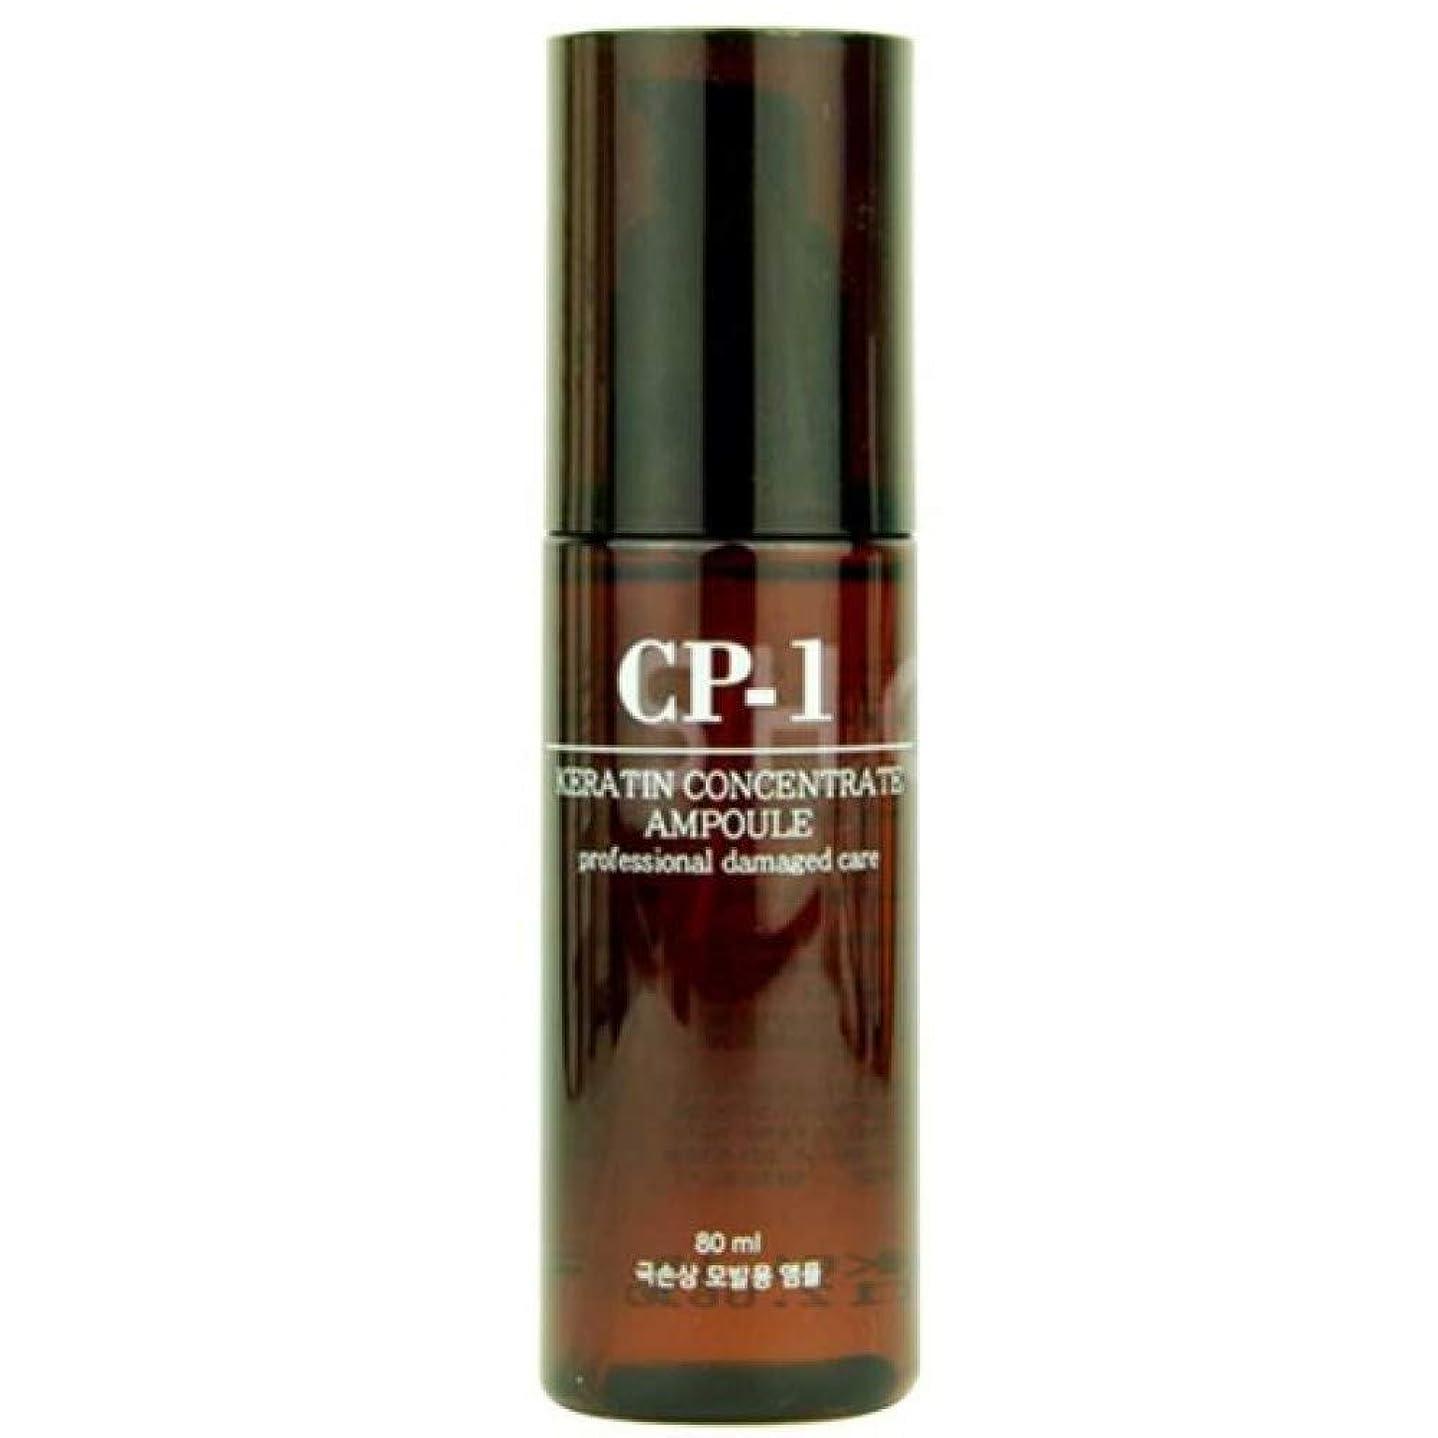 ピルカナダ矛盾するEsthetic House CP-1 ヘアアンプル Keratin Concentrate Ampoule 80ml プロ傷んだヘアケア Professional Damaged Hair Care, 韩国正品